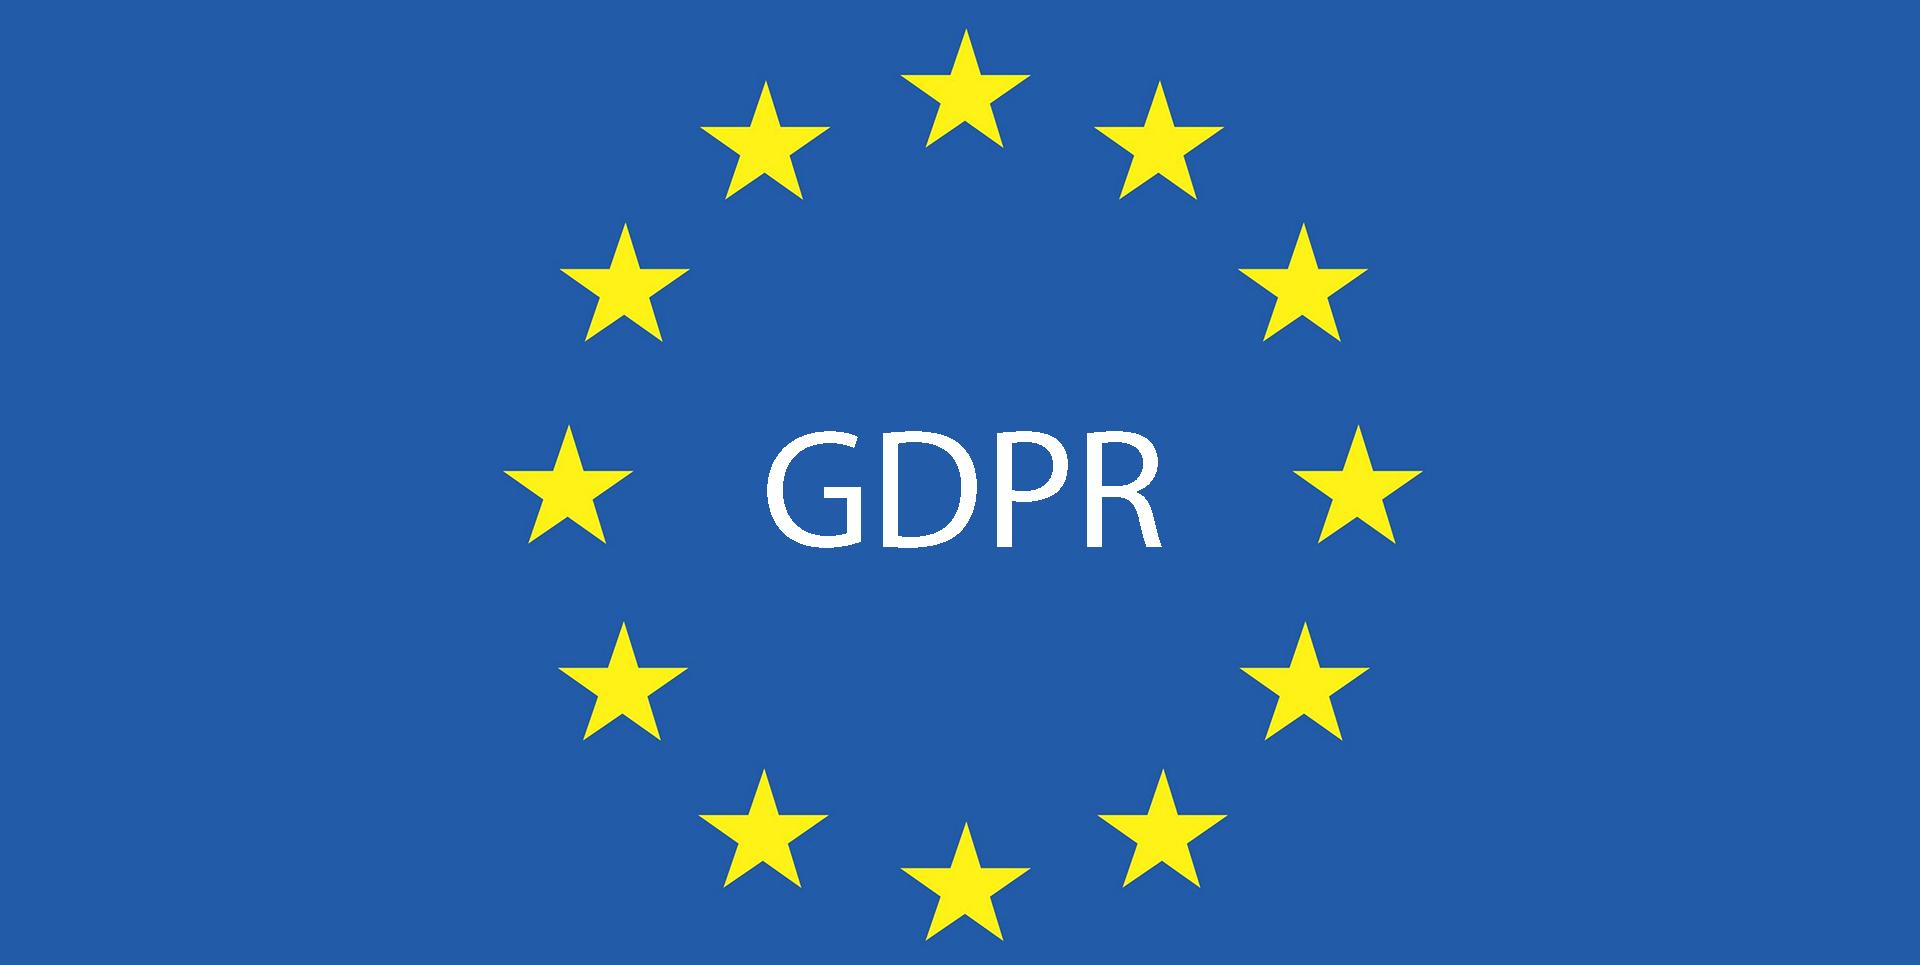 Често задавани въпроси за GDPR